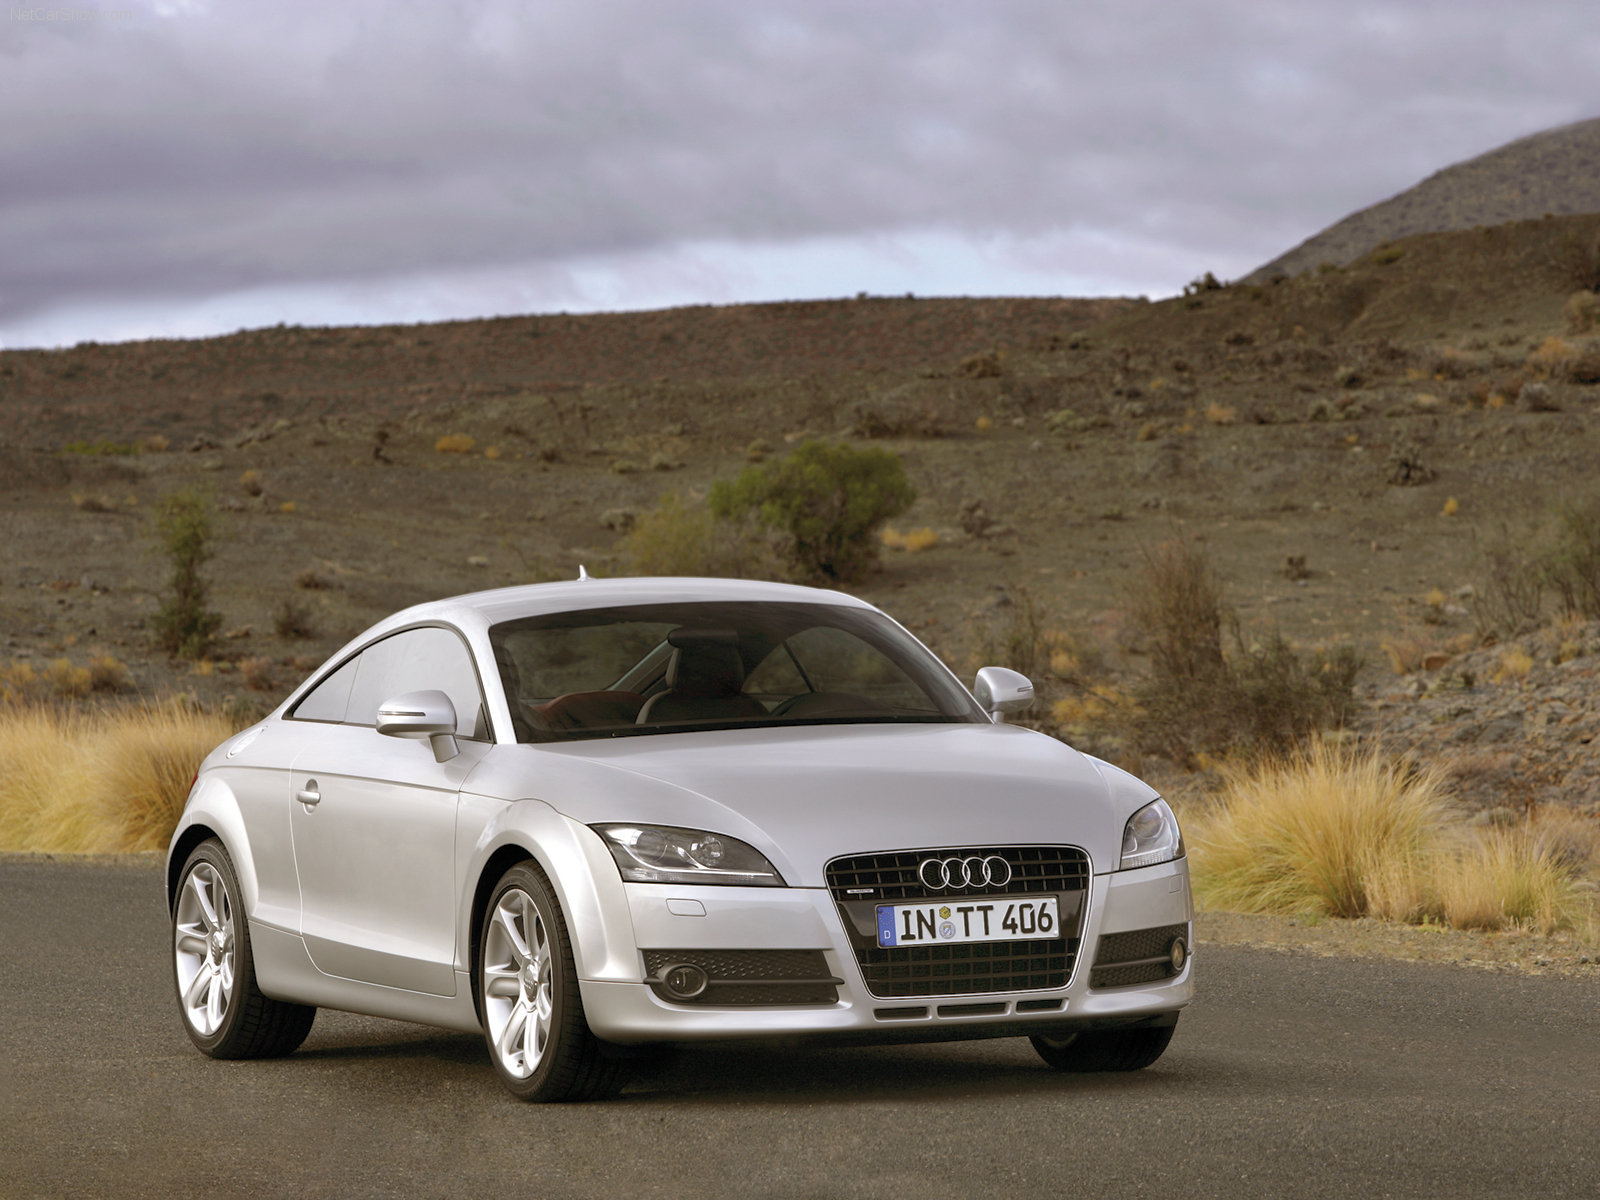 Suche nach Audi Coupe pagenstecher Deine Automeile im Netz